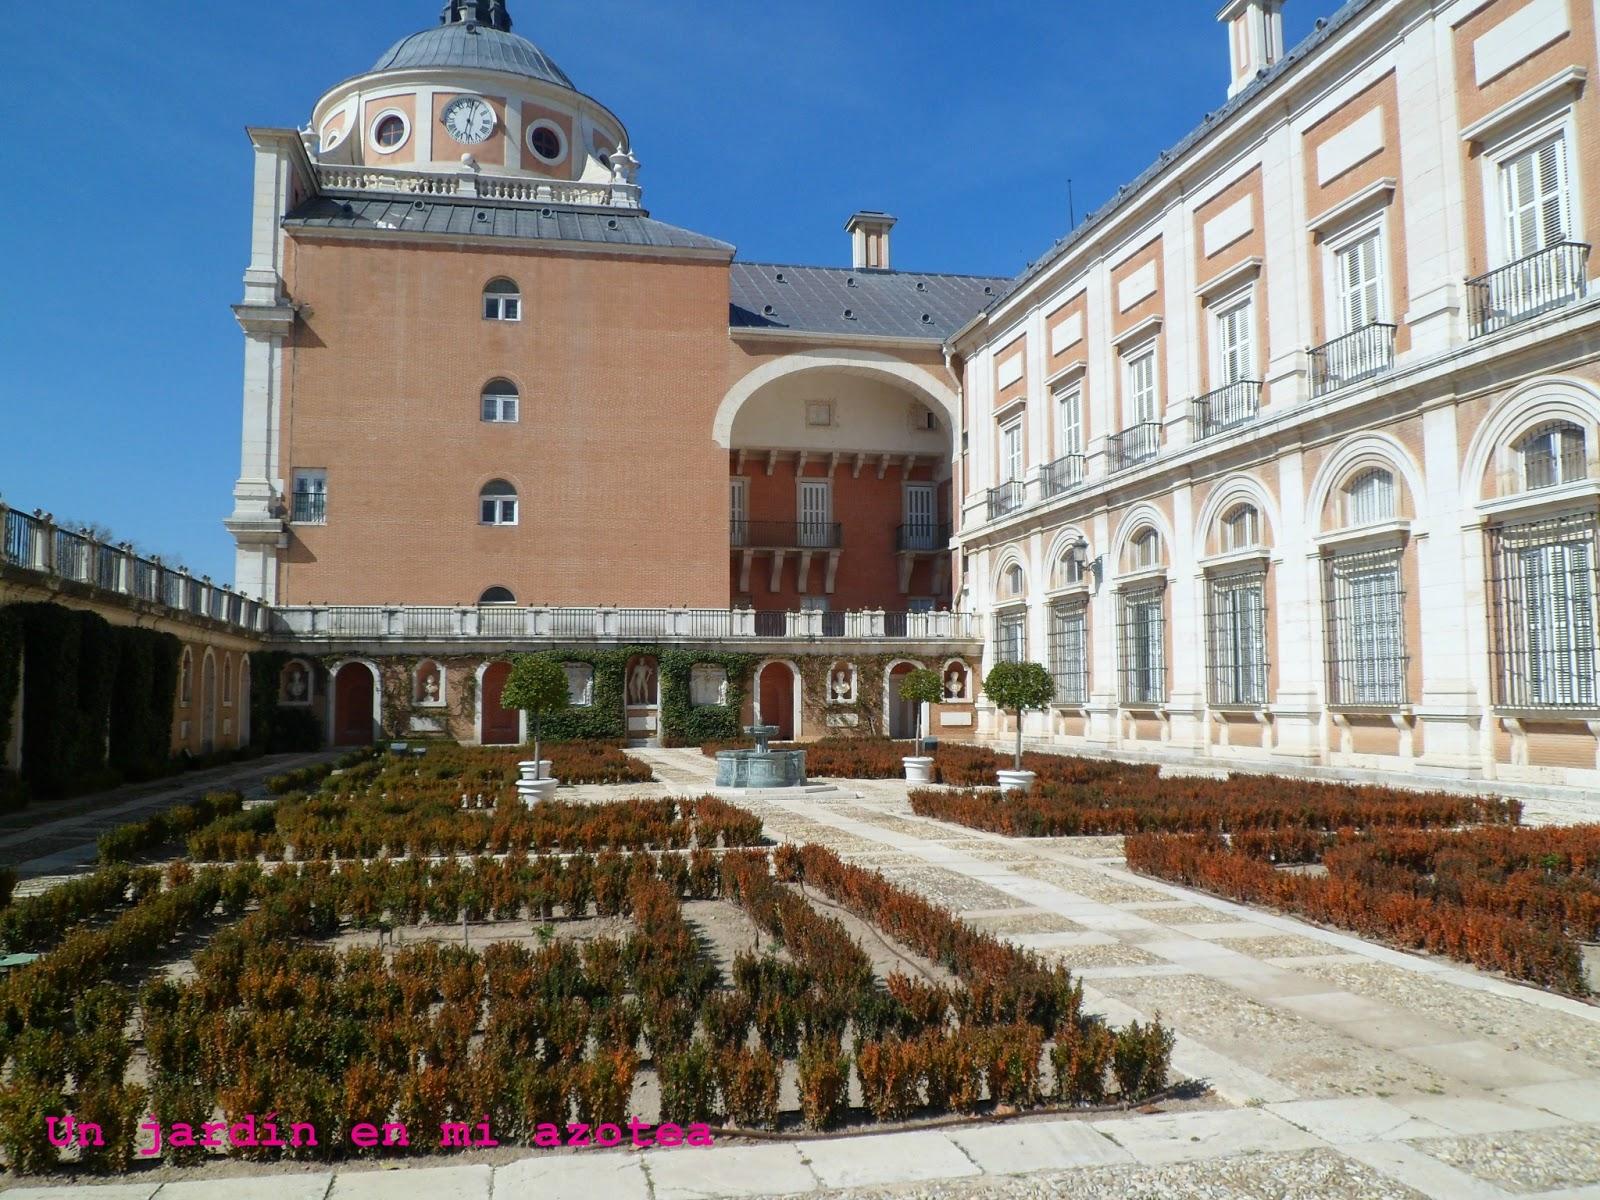 Un jard n en mi azotea el jard n del rey de aranjuez for Jardines de aranjuez horario